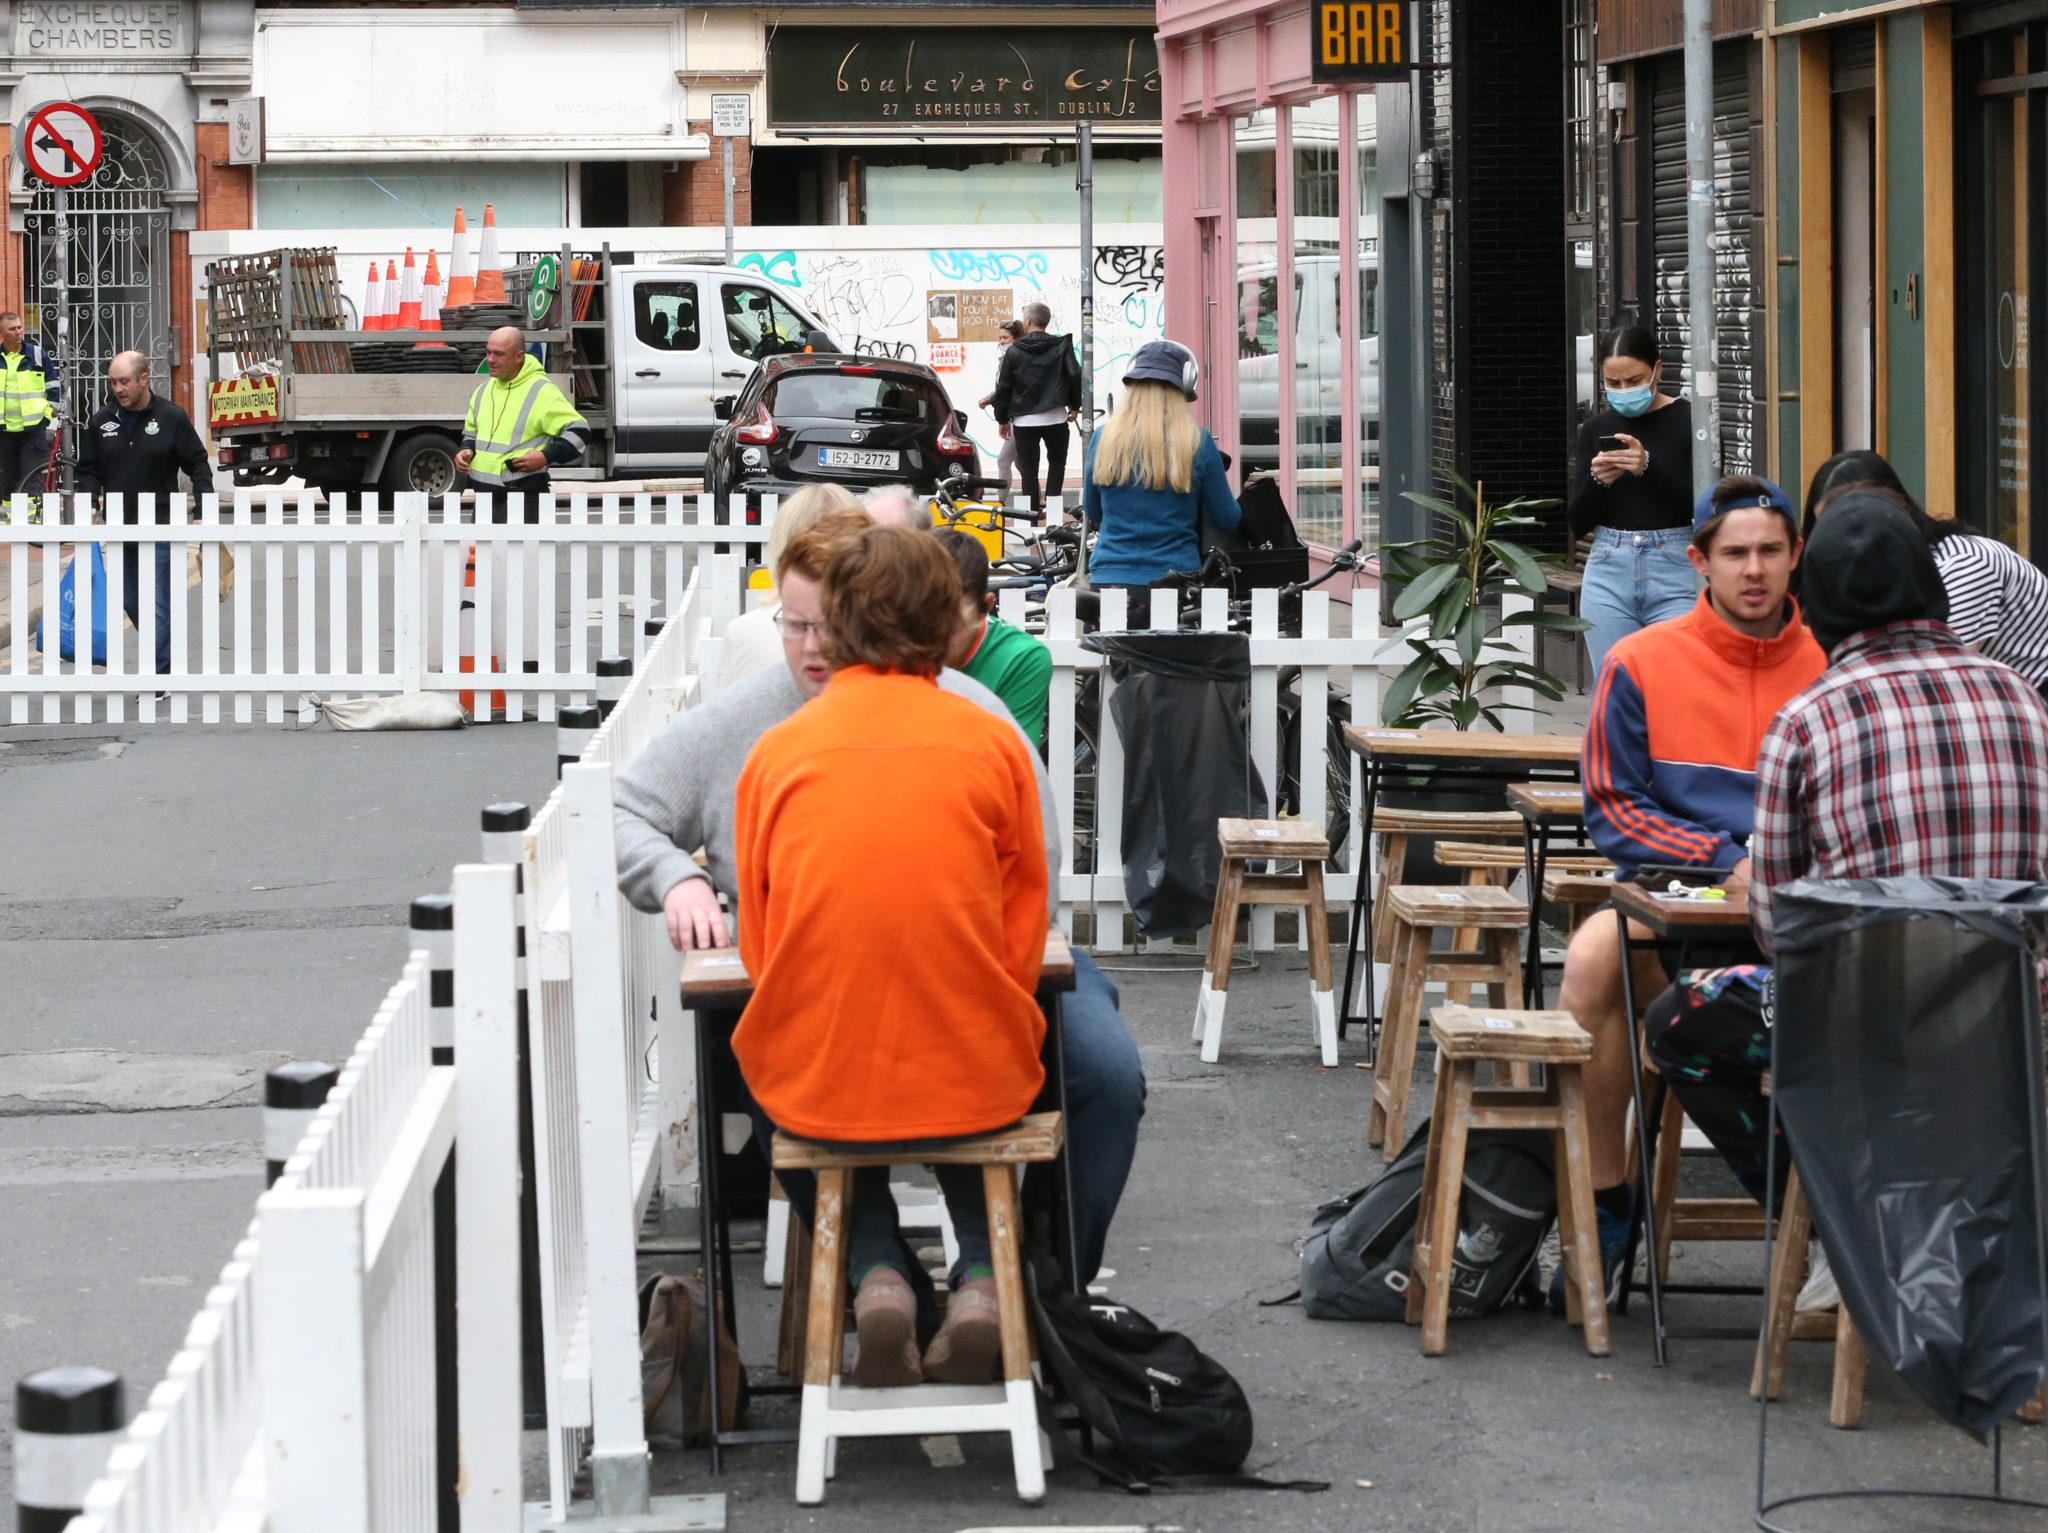 Car-free Dublin